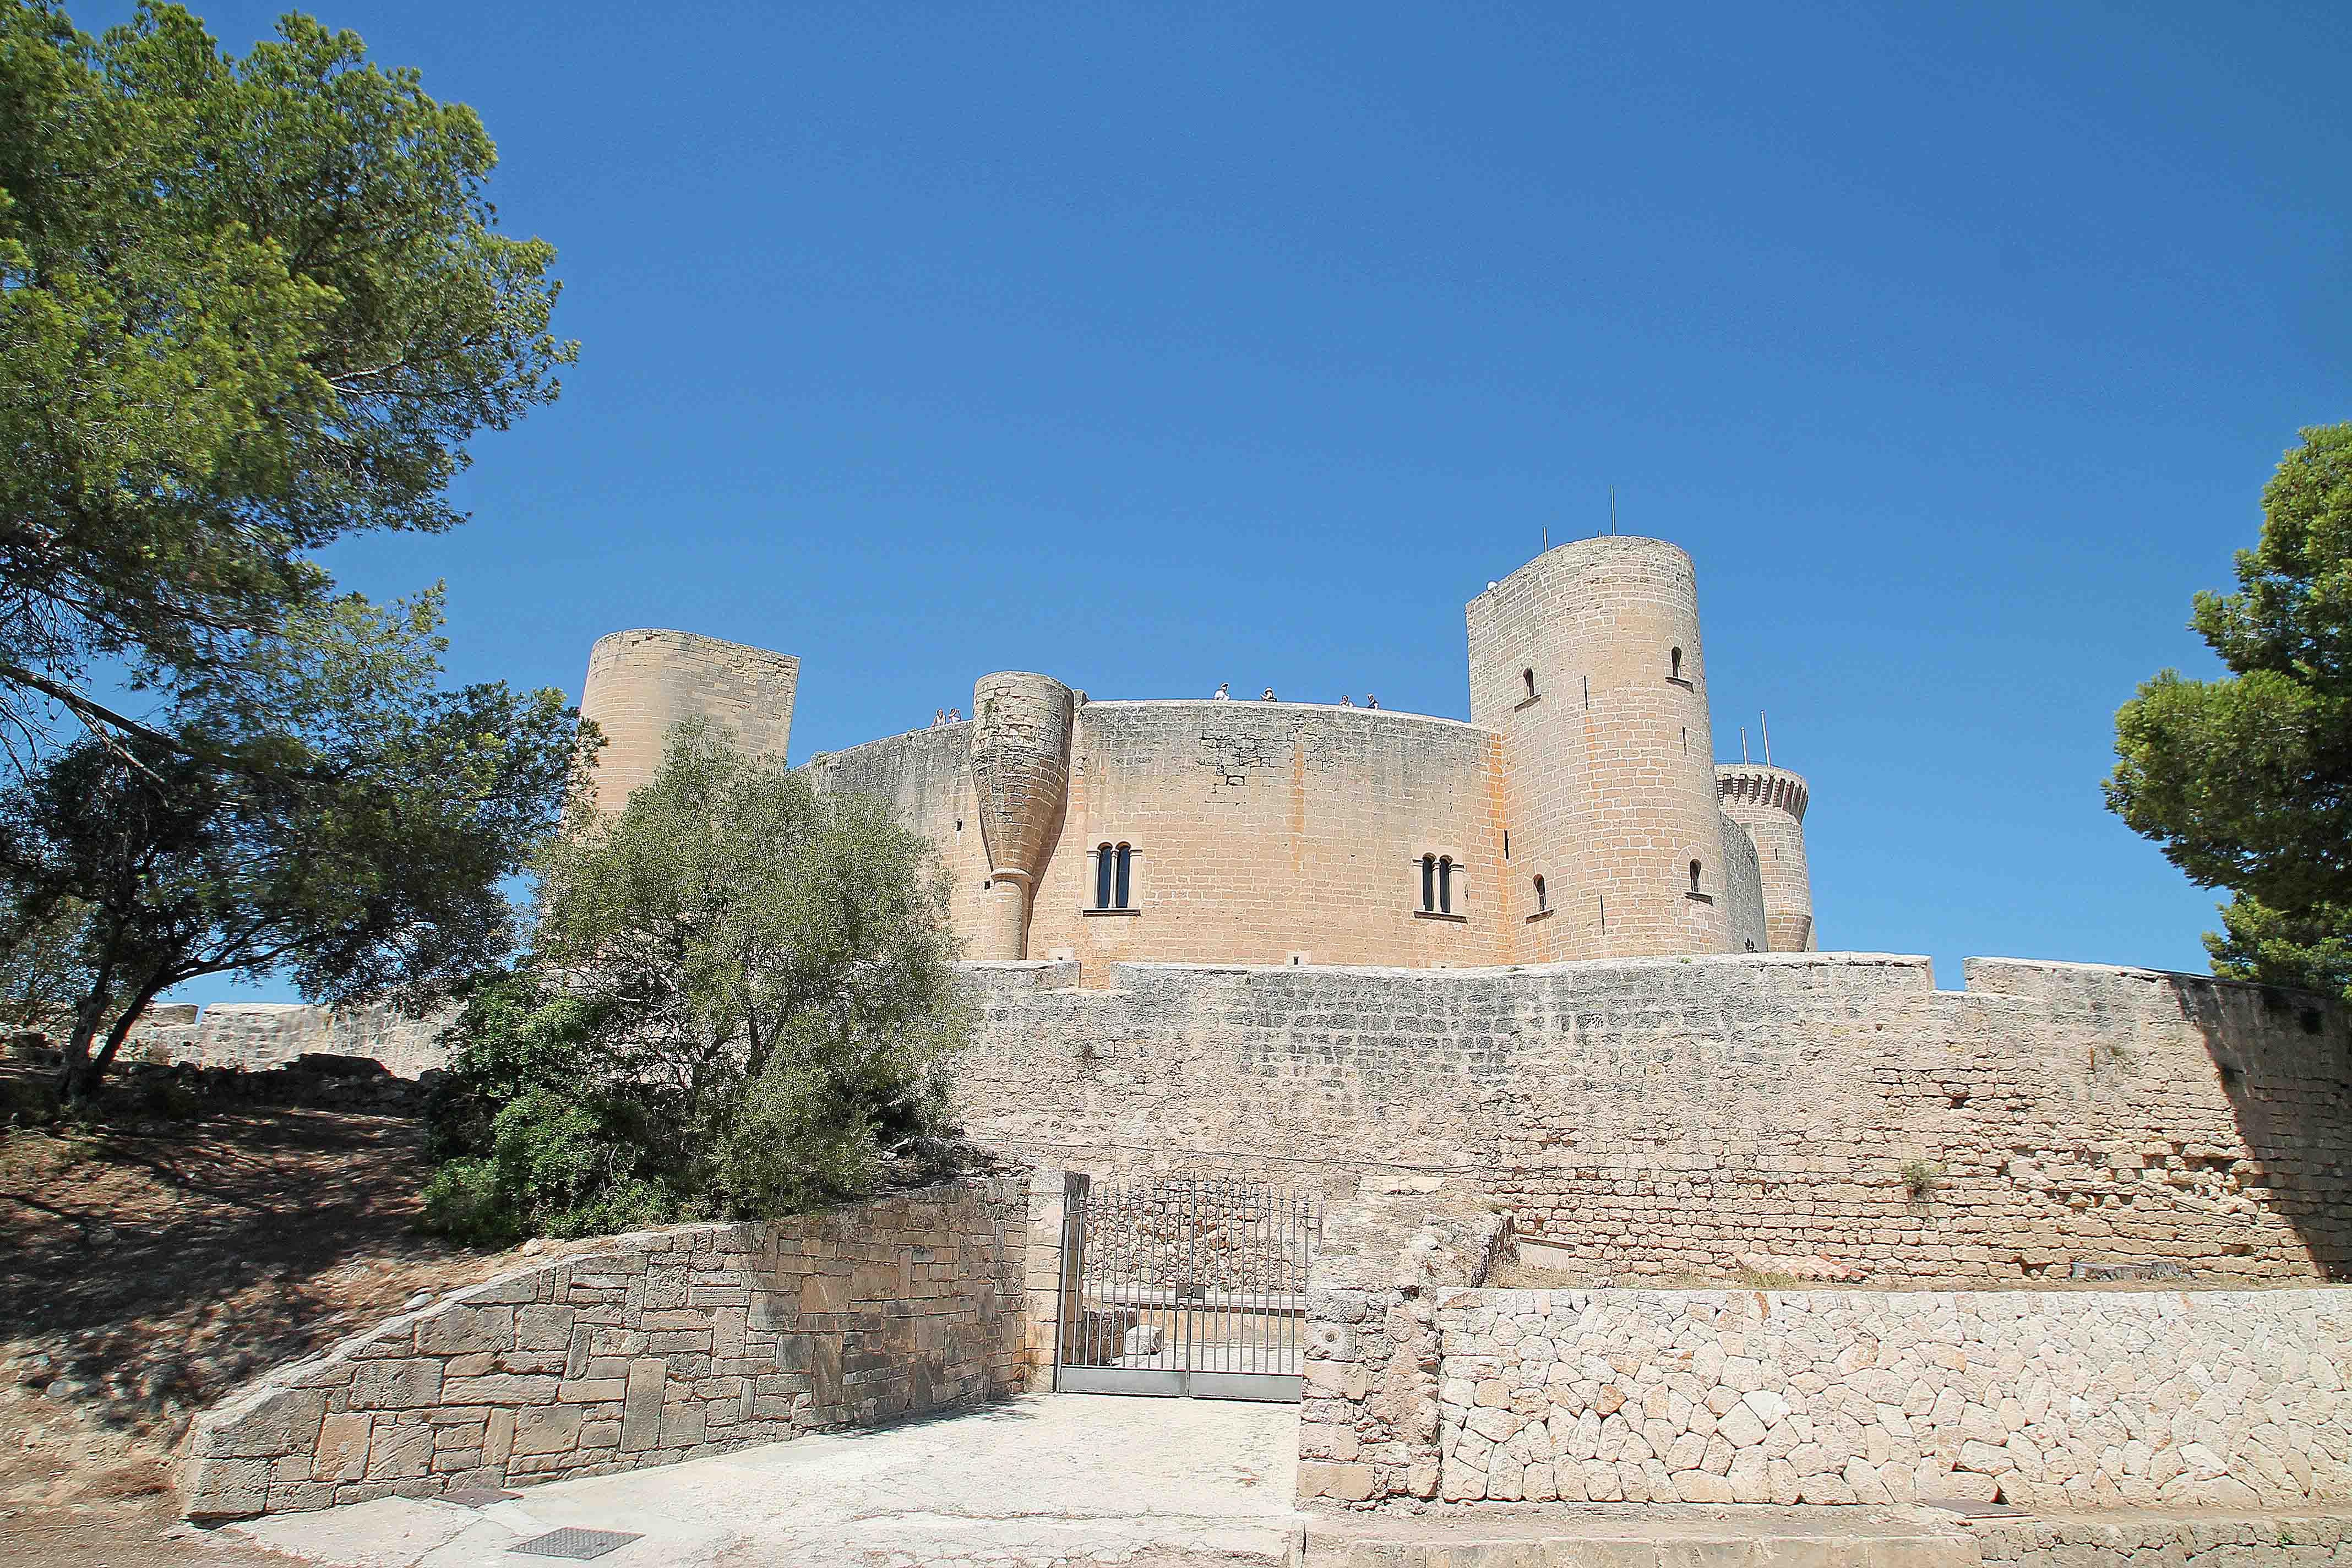 1-castell-de-bellver-burg-von-bellver-bellver-castle-palma-de-mallorca